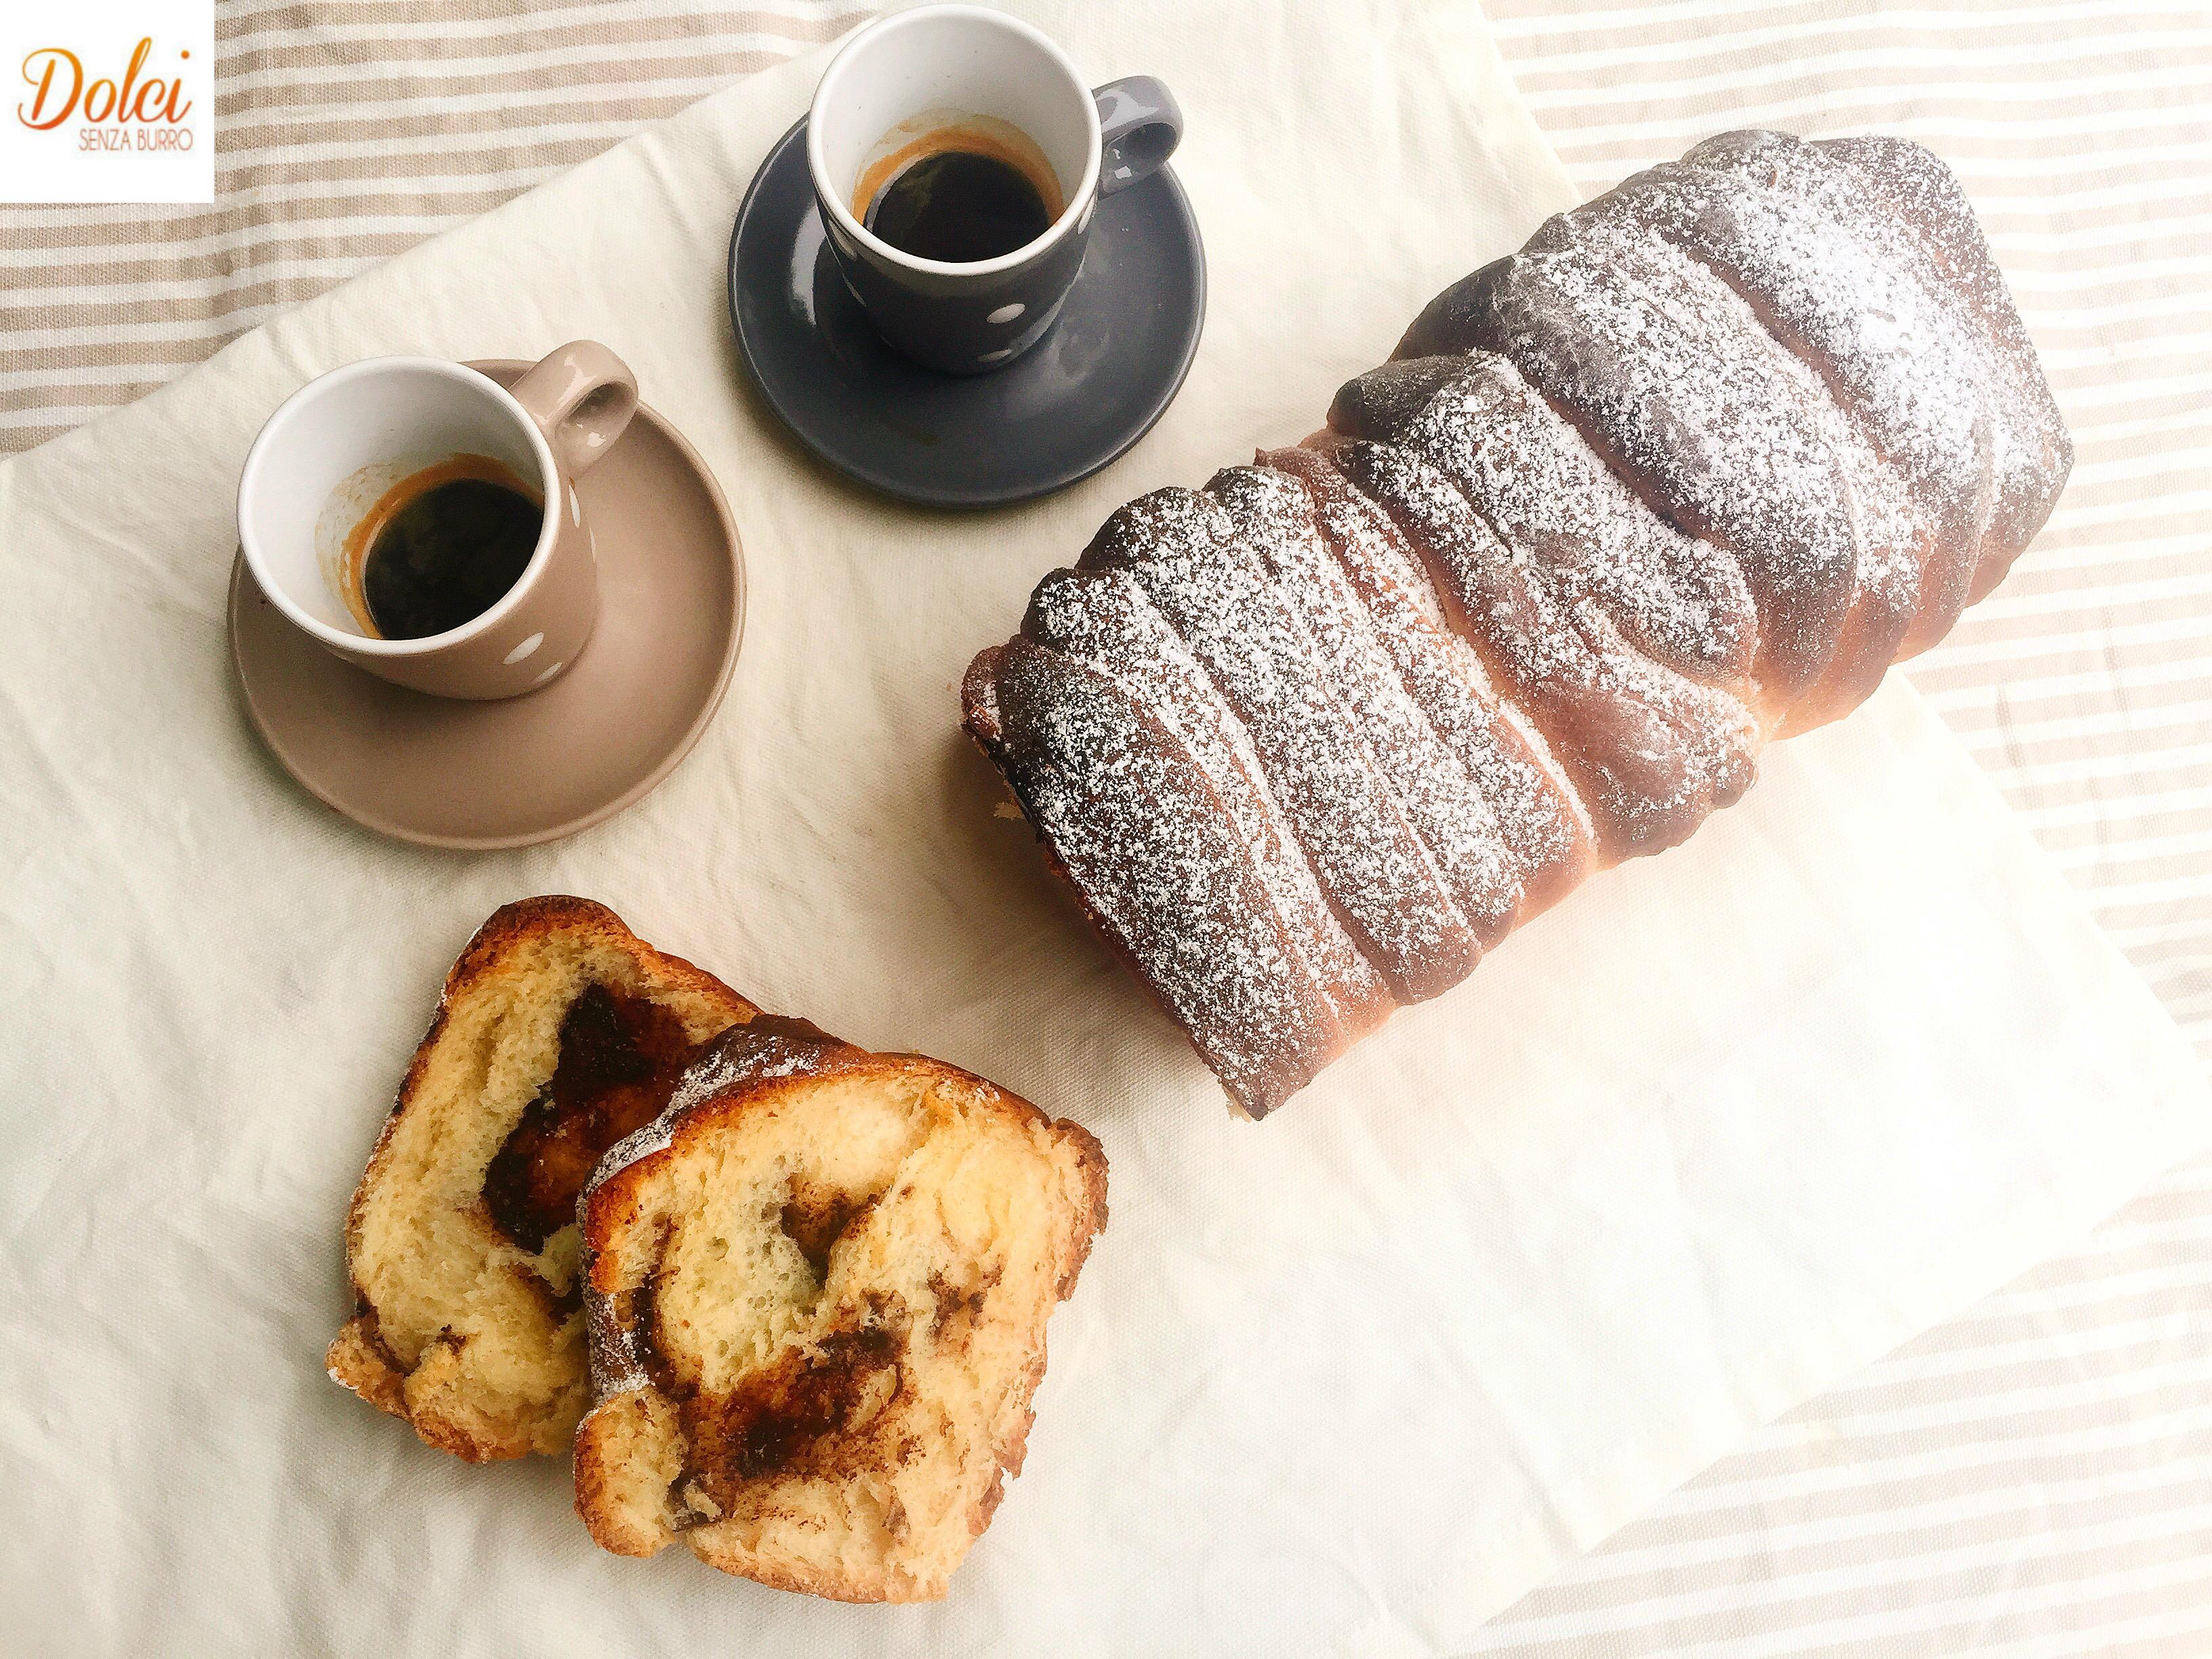 Pull Apart Senza Burro, un pan brioche a fisarmonica soffice e goloso di dolci senza burro